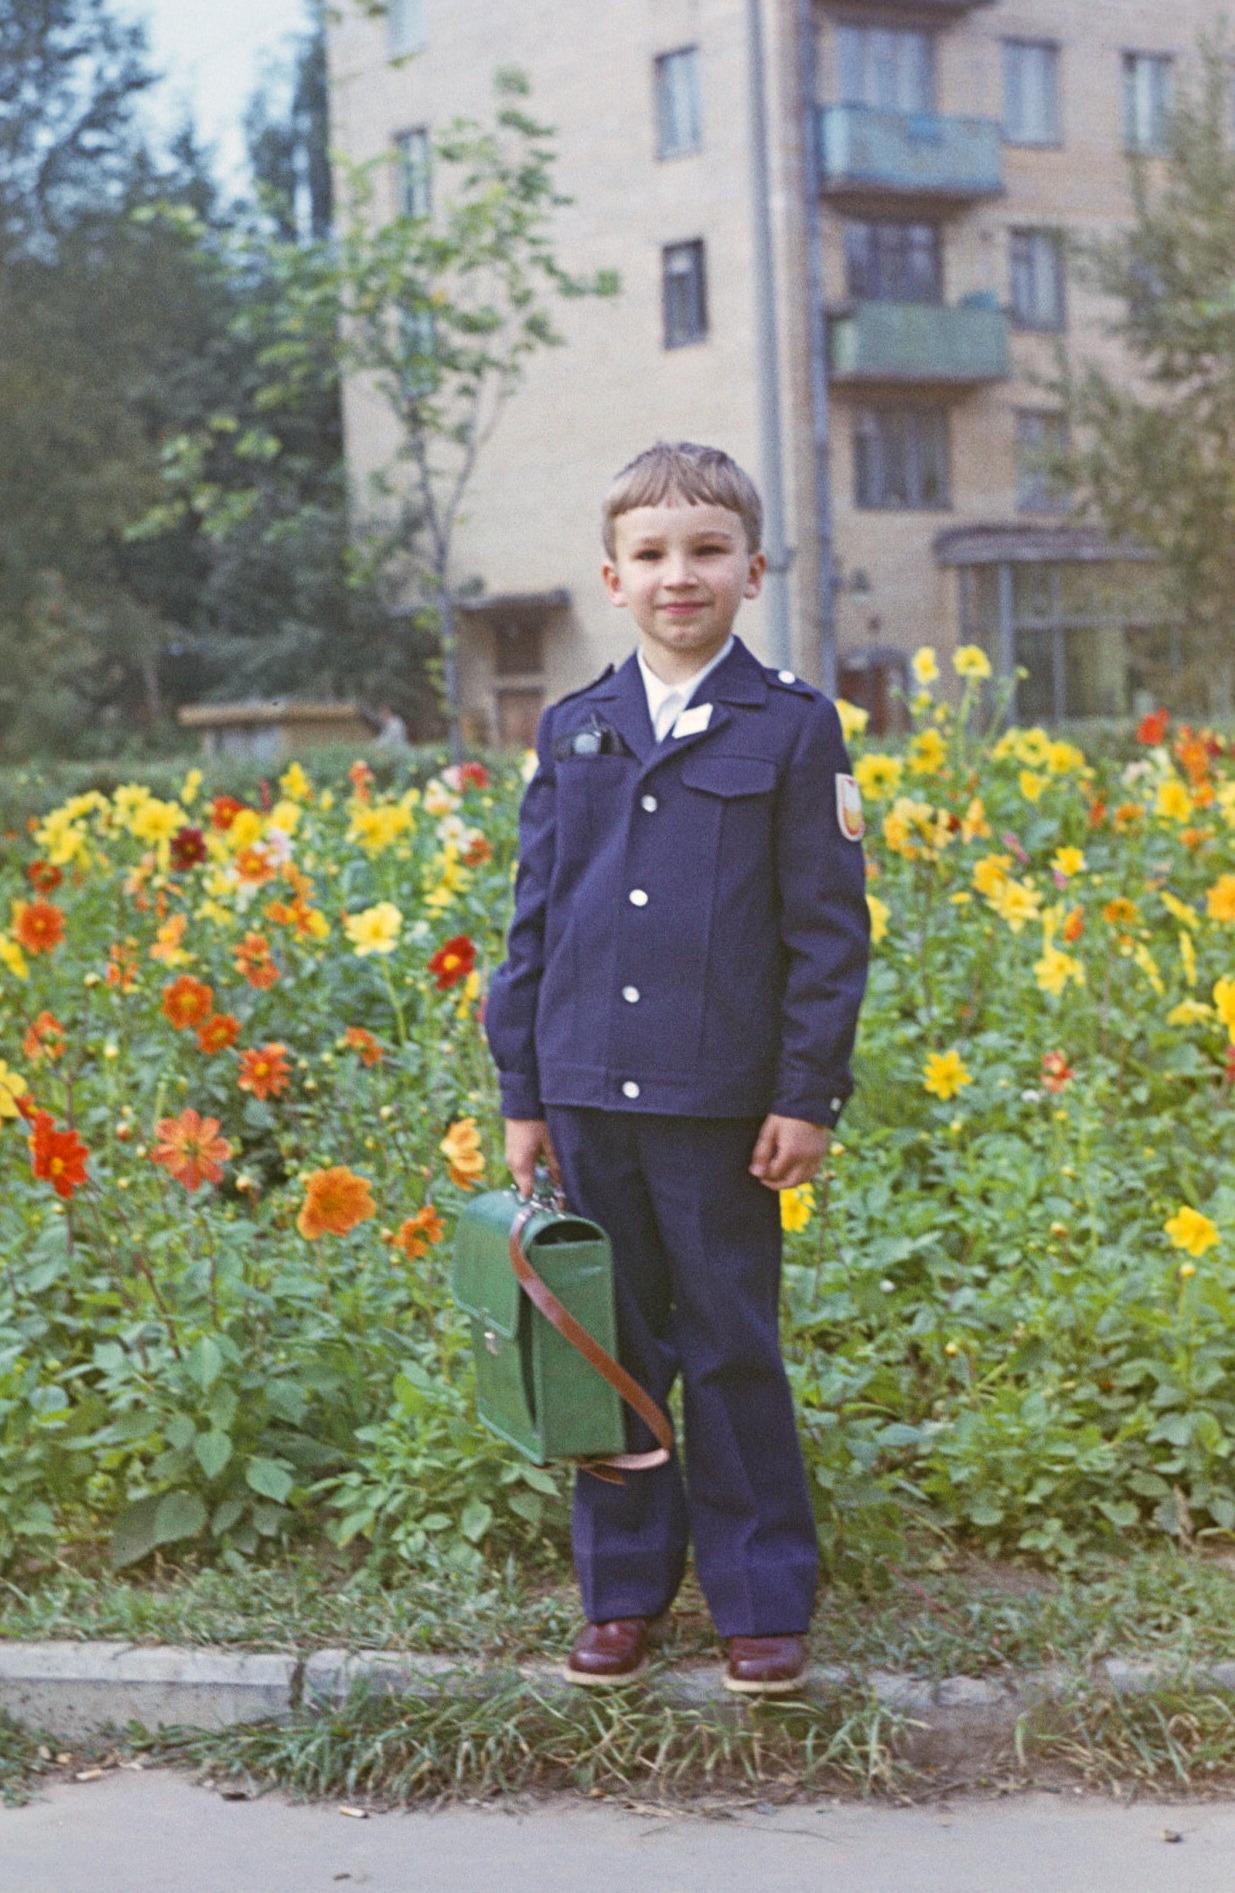 1978, 1 сентября. Сквер на Марии Поливановой. Алексей Пучков